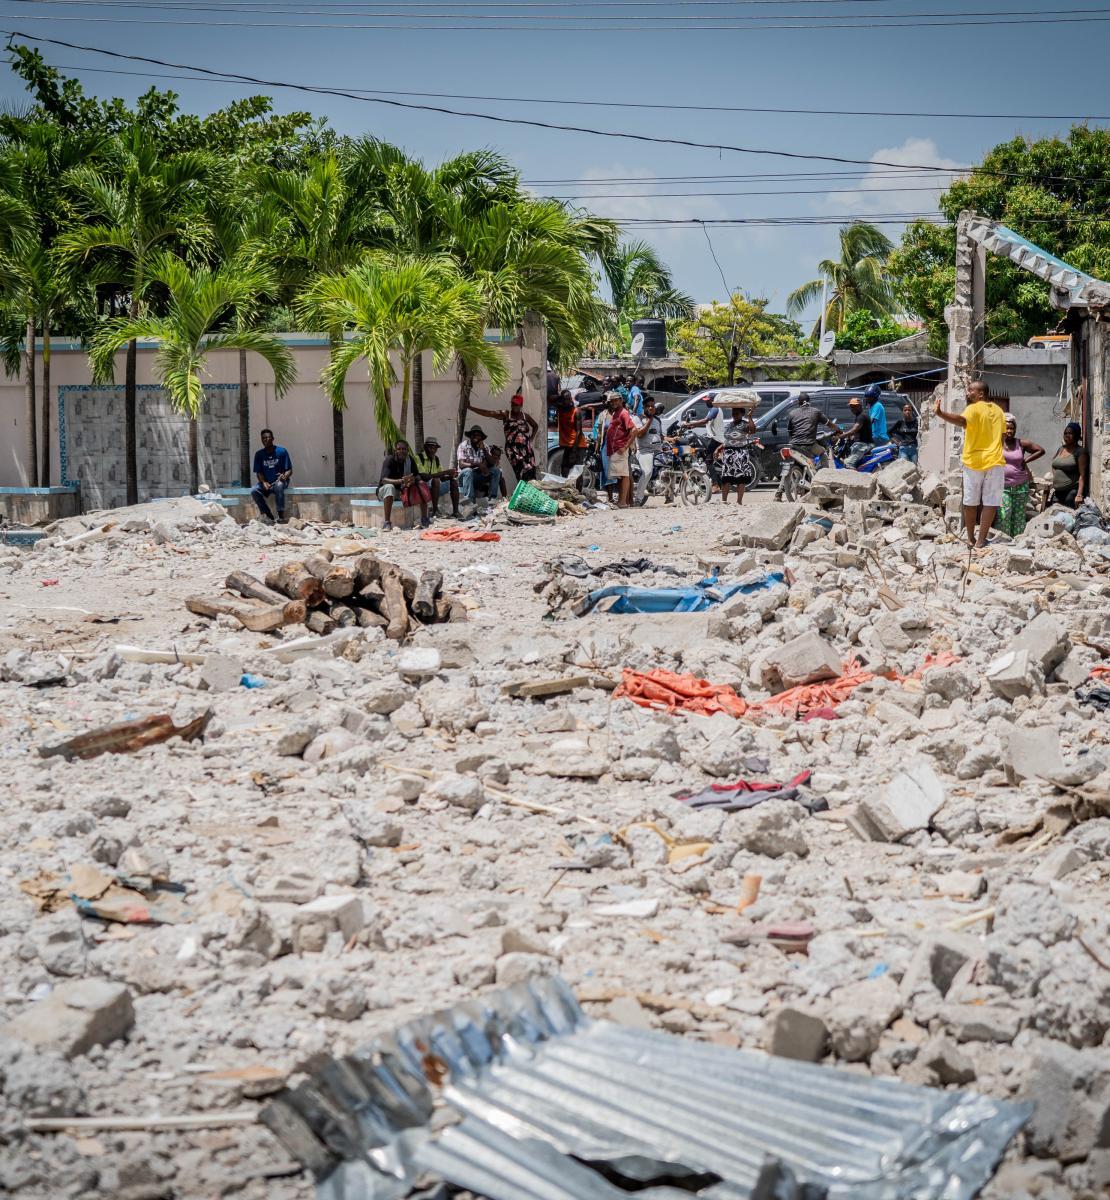 Los escombros de donde se encontraba el hotel Le Manguier en Les Cayes.